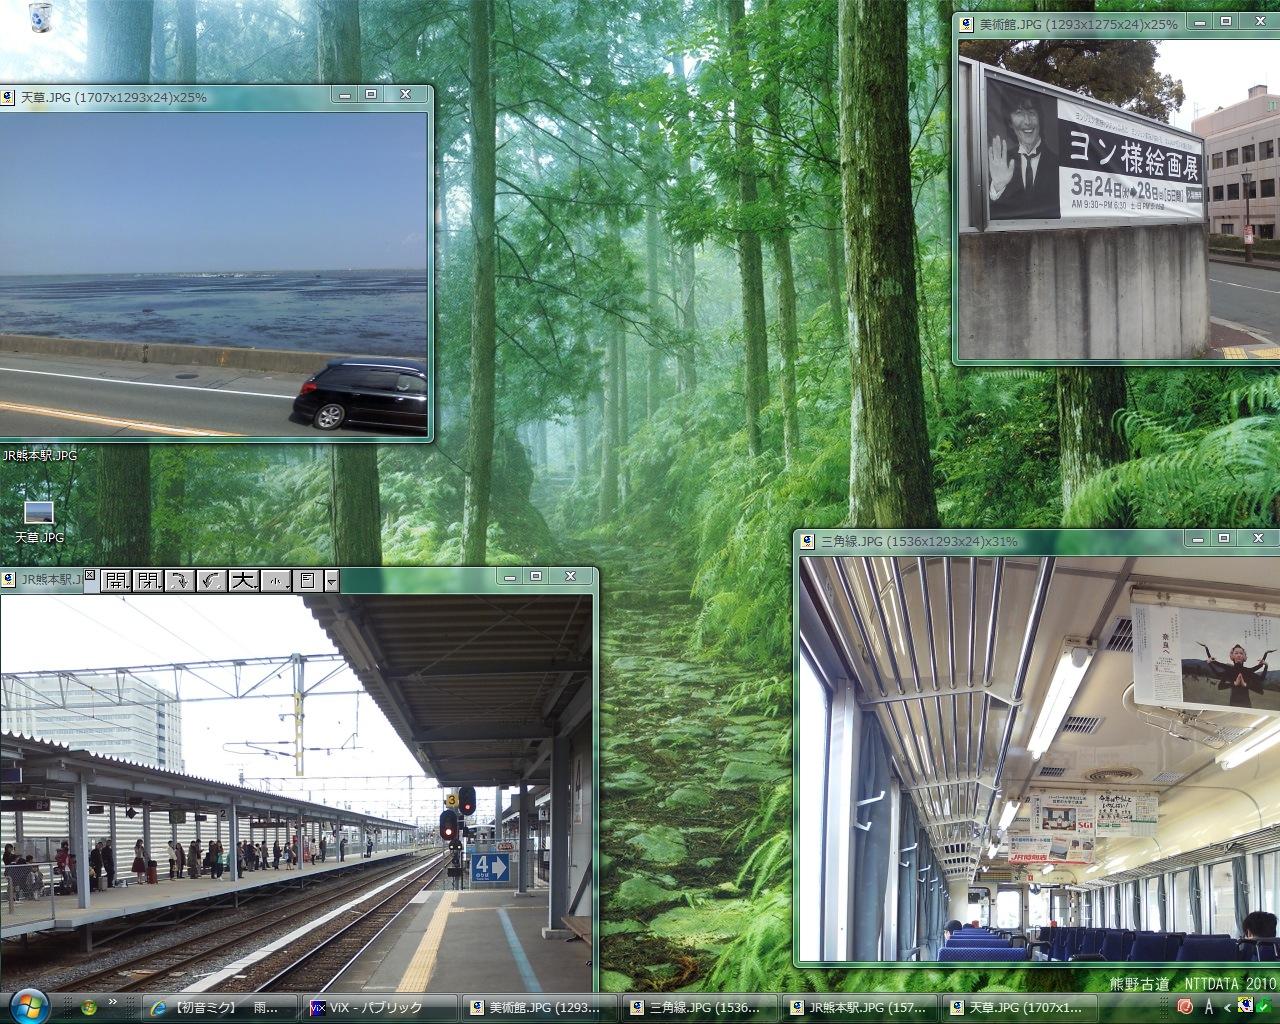 JR熊本駅・三角線